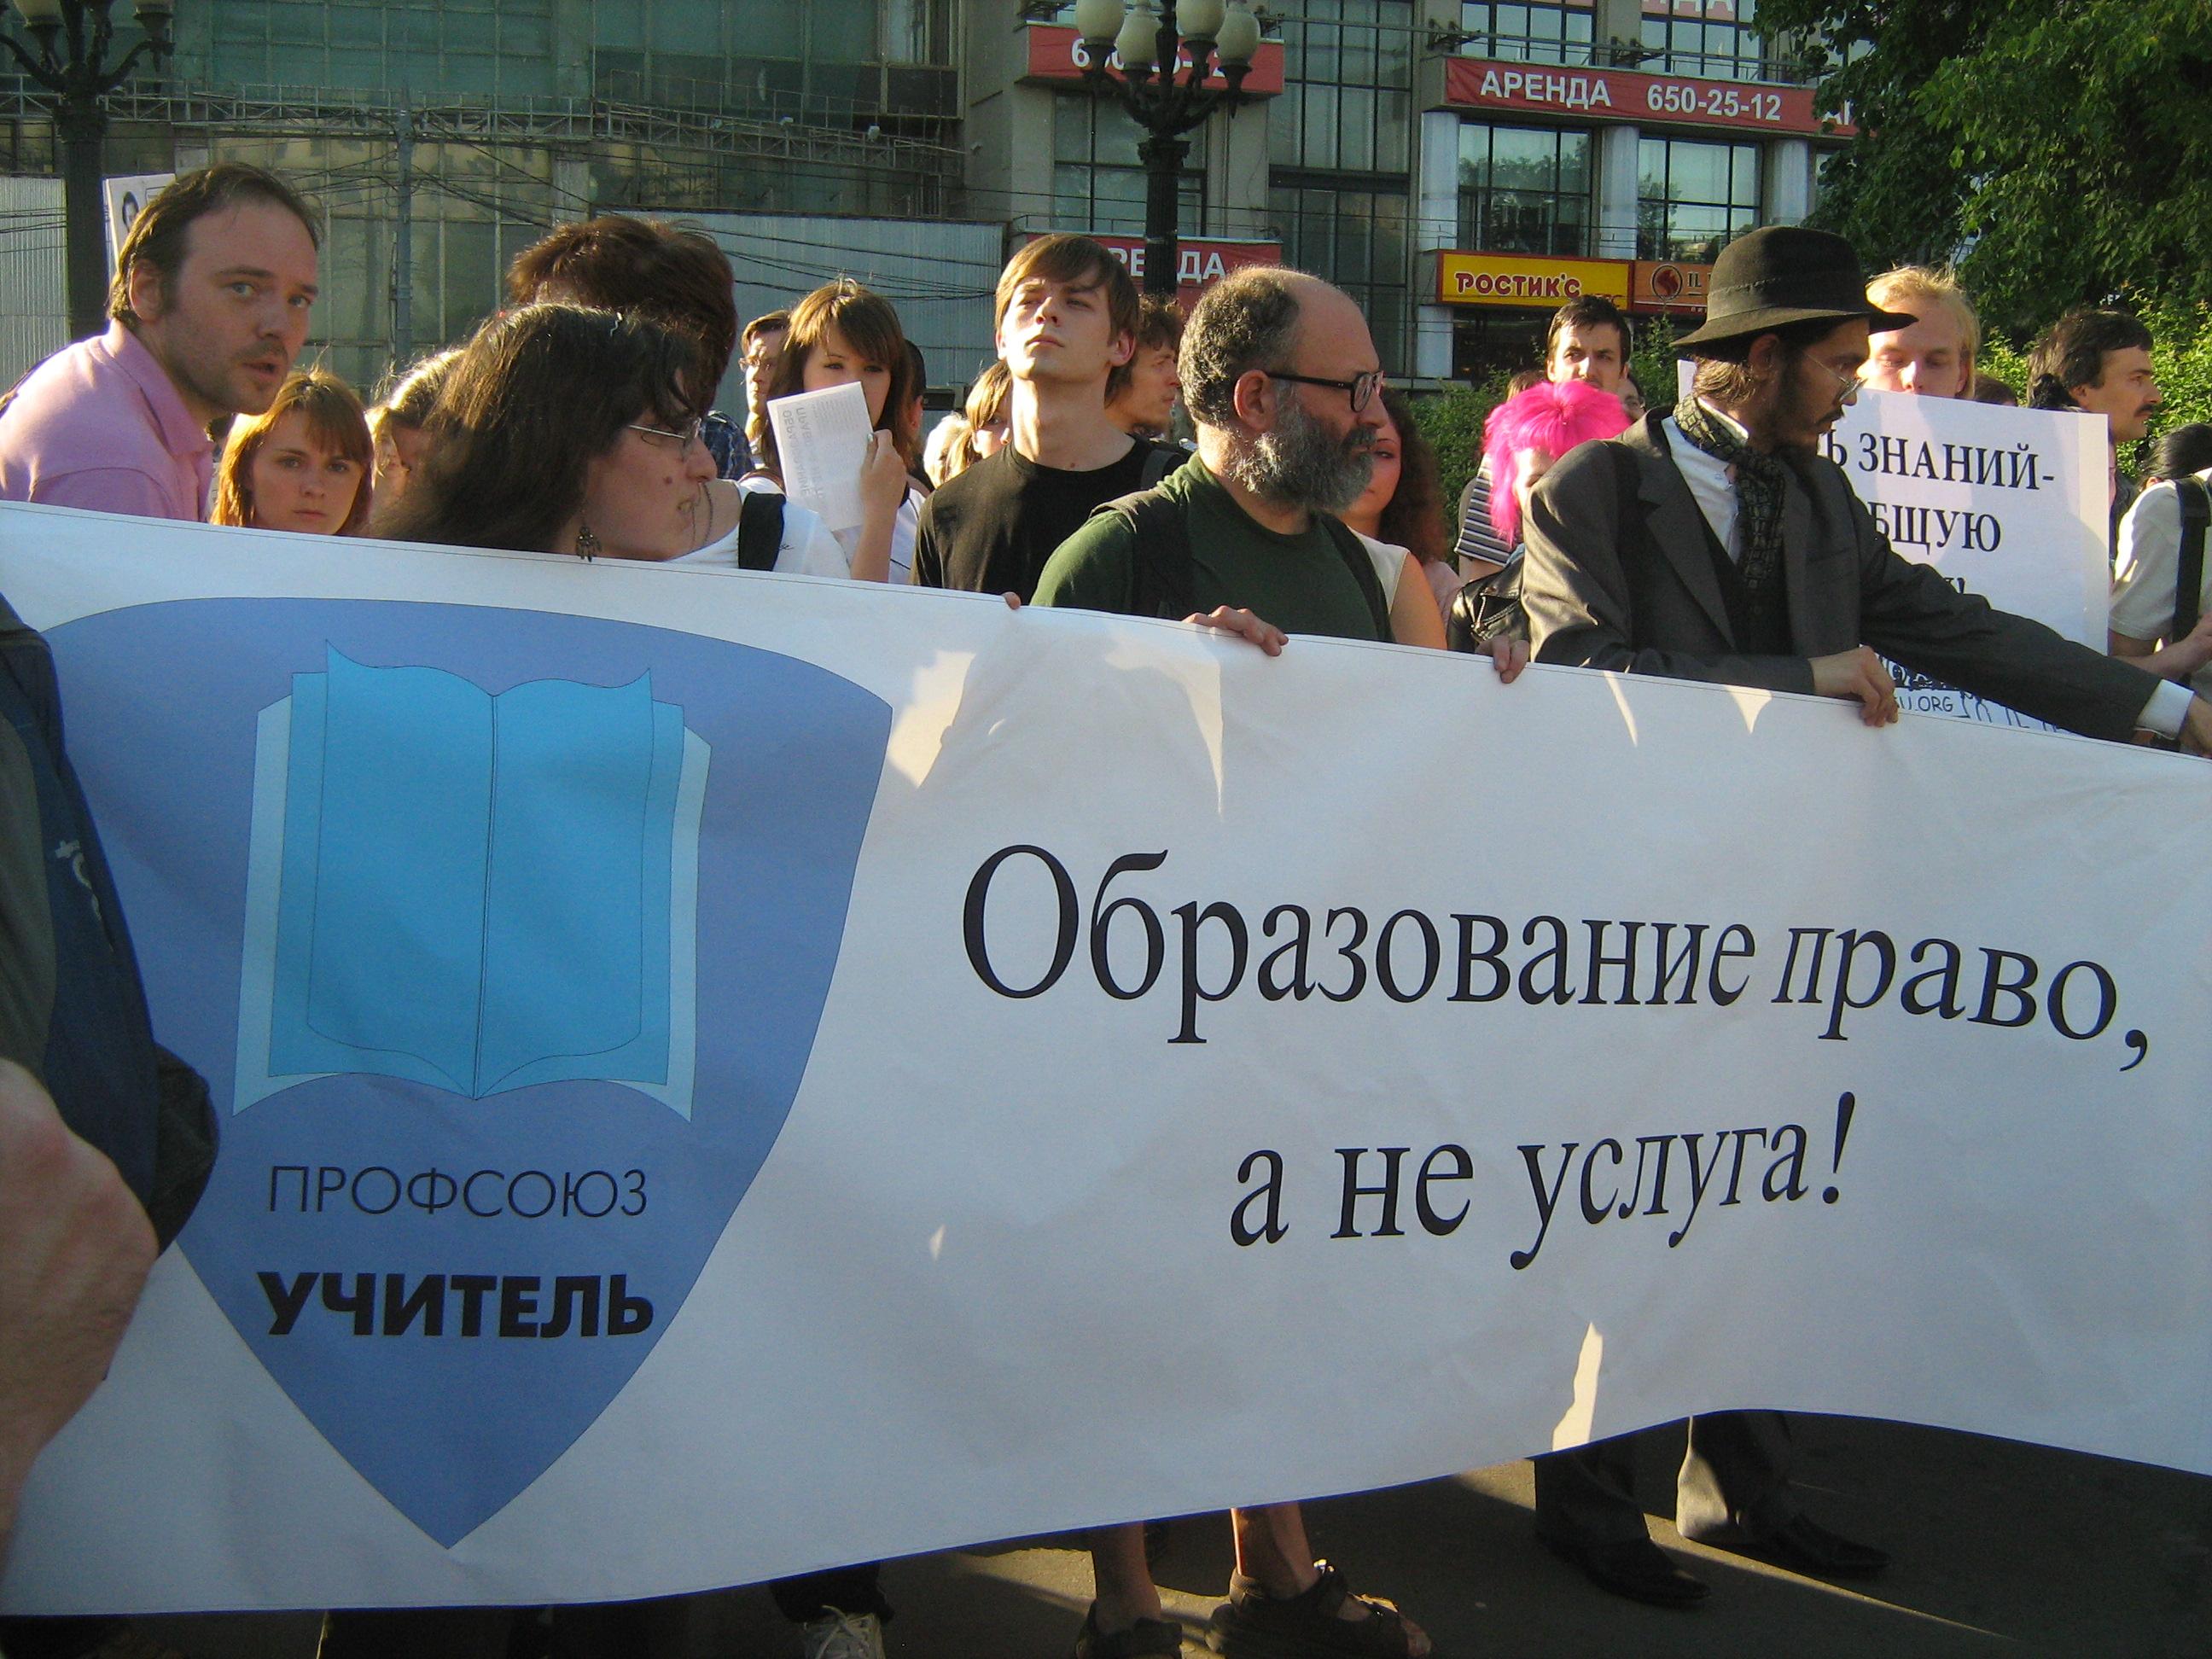 https://www.ljplus.ru/img4/a/d/ademidov72/_1-ucitel.jpg